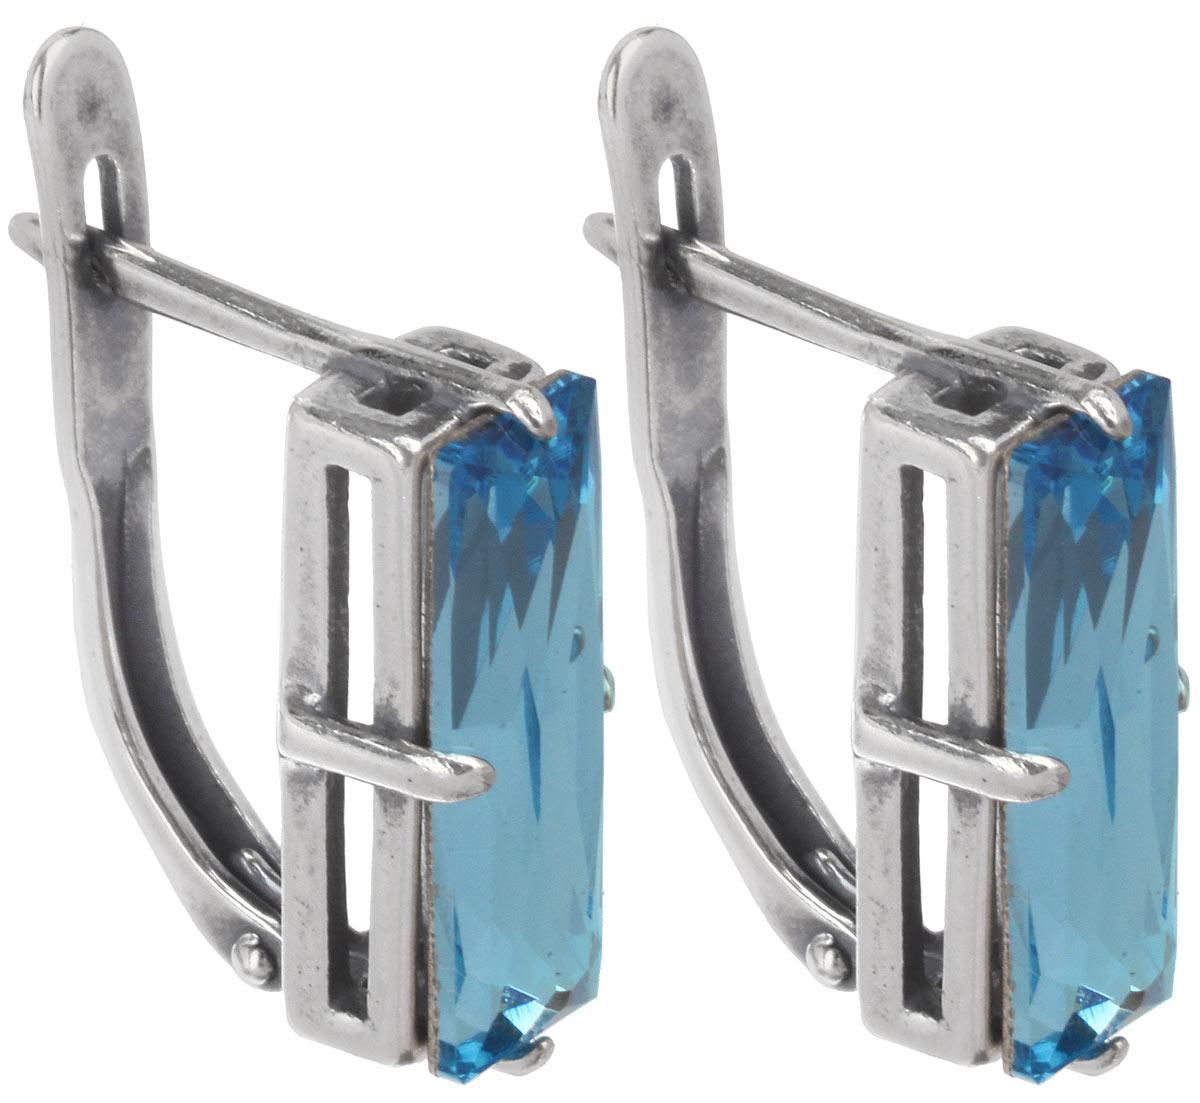 Серьги Jenavi Гармсиль, цвет: серебряный, голубой. e5163140e5163140Стильные серьги Jenavi Гармсиль выполнены в виде основы прямоугольной формы из ювелирного сплава, которая дополнена кристаллами Swarovski. В качестве основания используется классический английский замок, который надежно зафиксирует сережку. Оригинальные серьги Jenavi Гармсиль помогут дополнить любой образ и привнести в него завершающий яркий штрих.